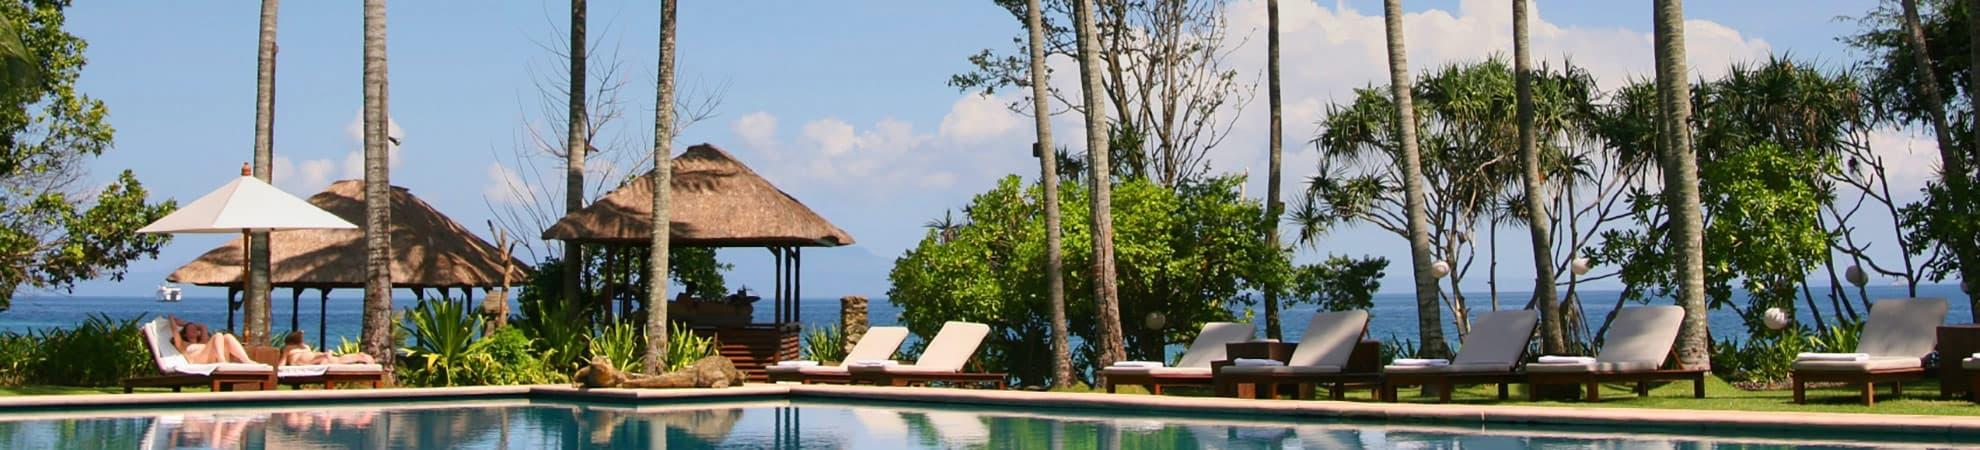 Hôtels Bali 3 étoiles